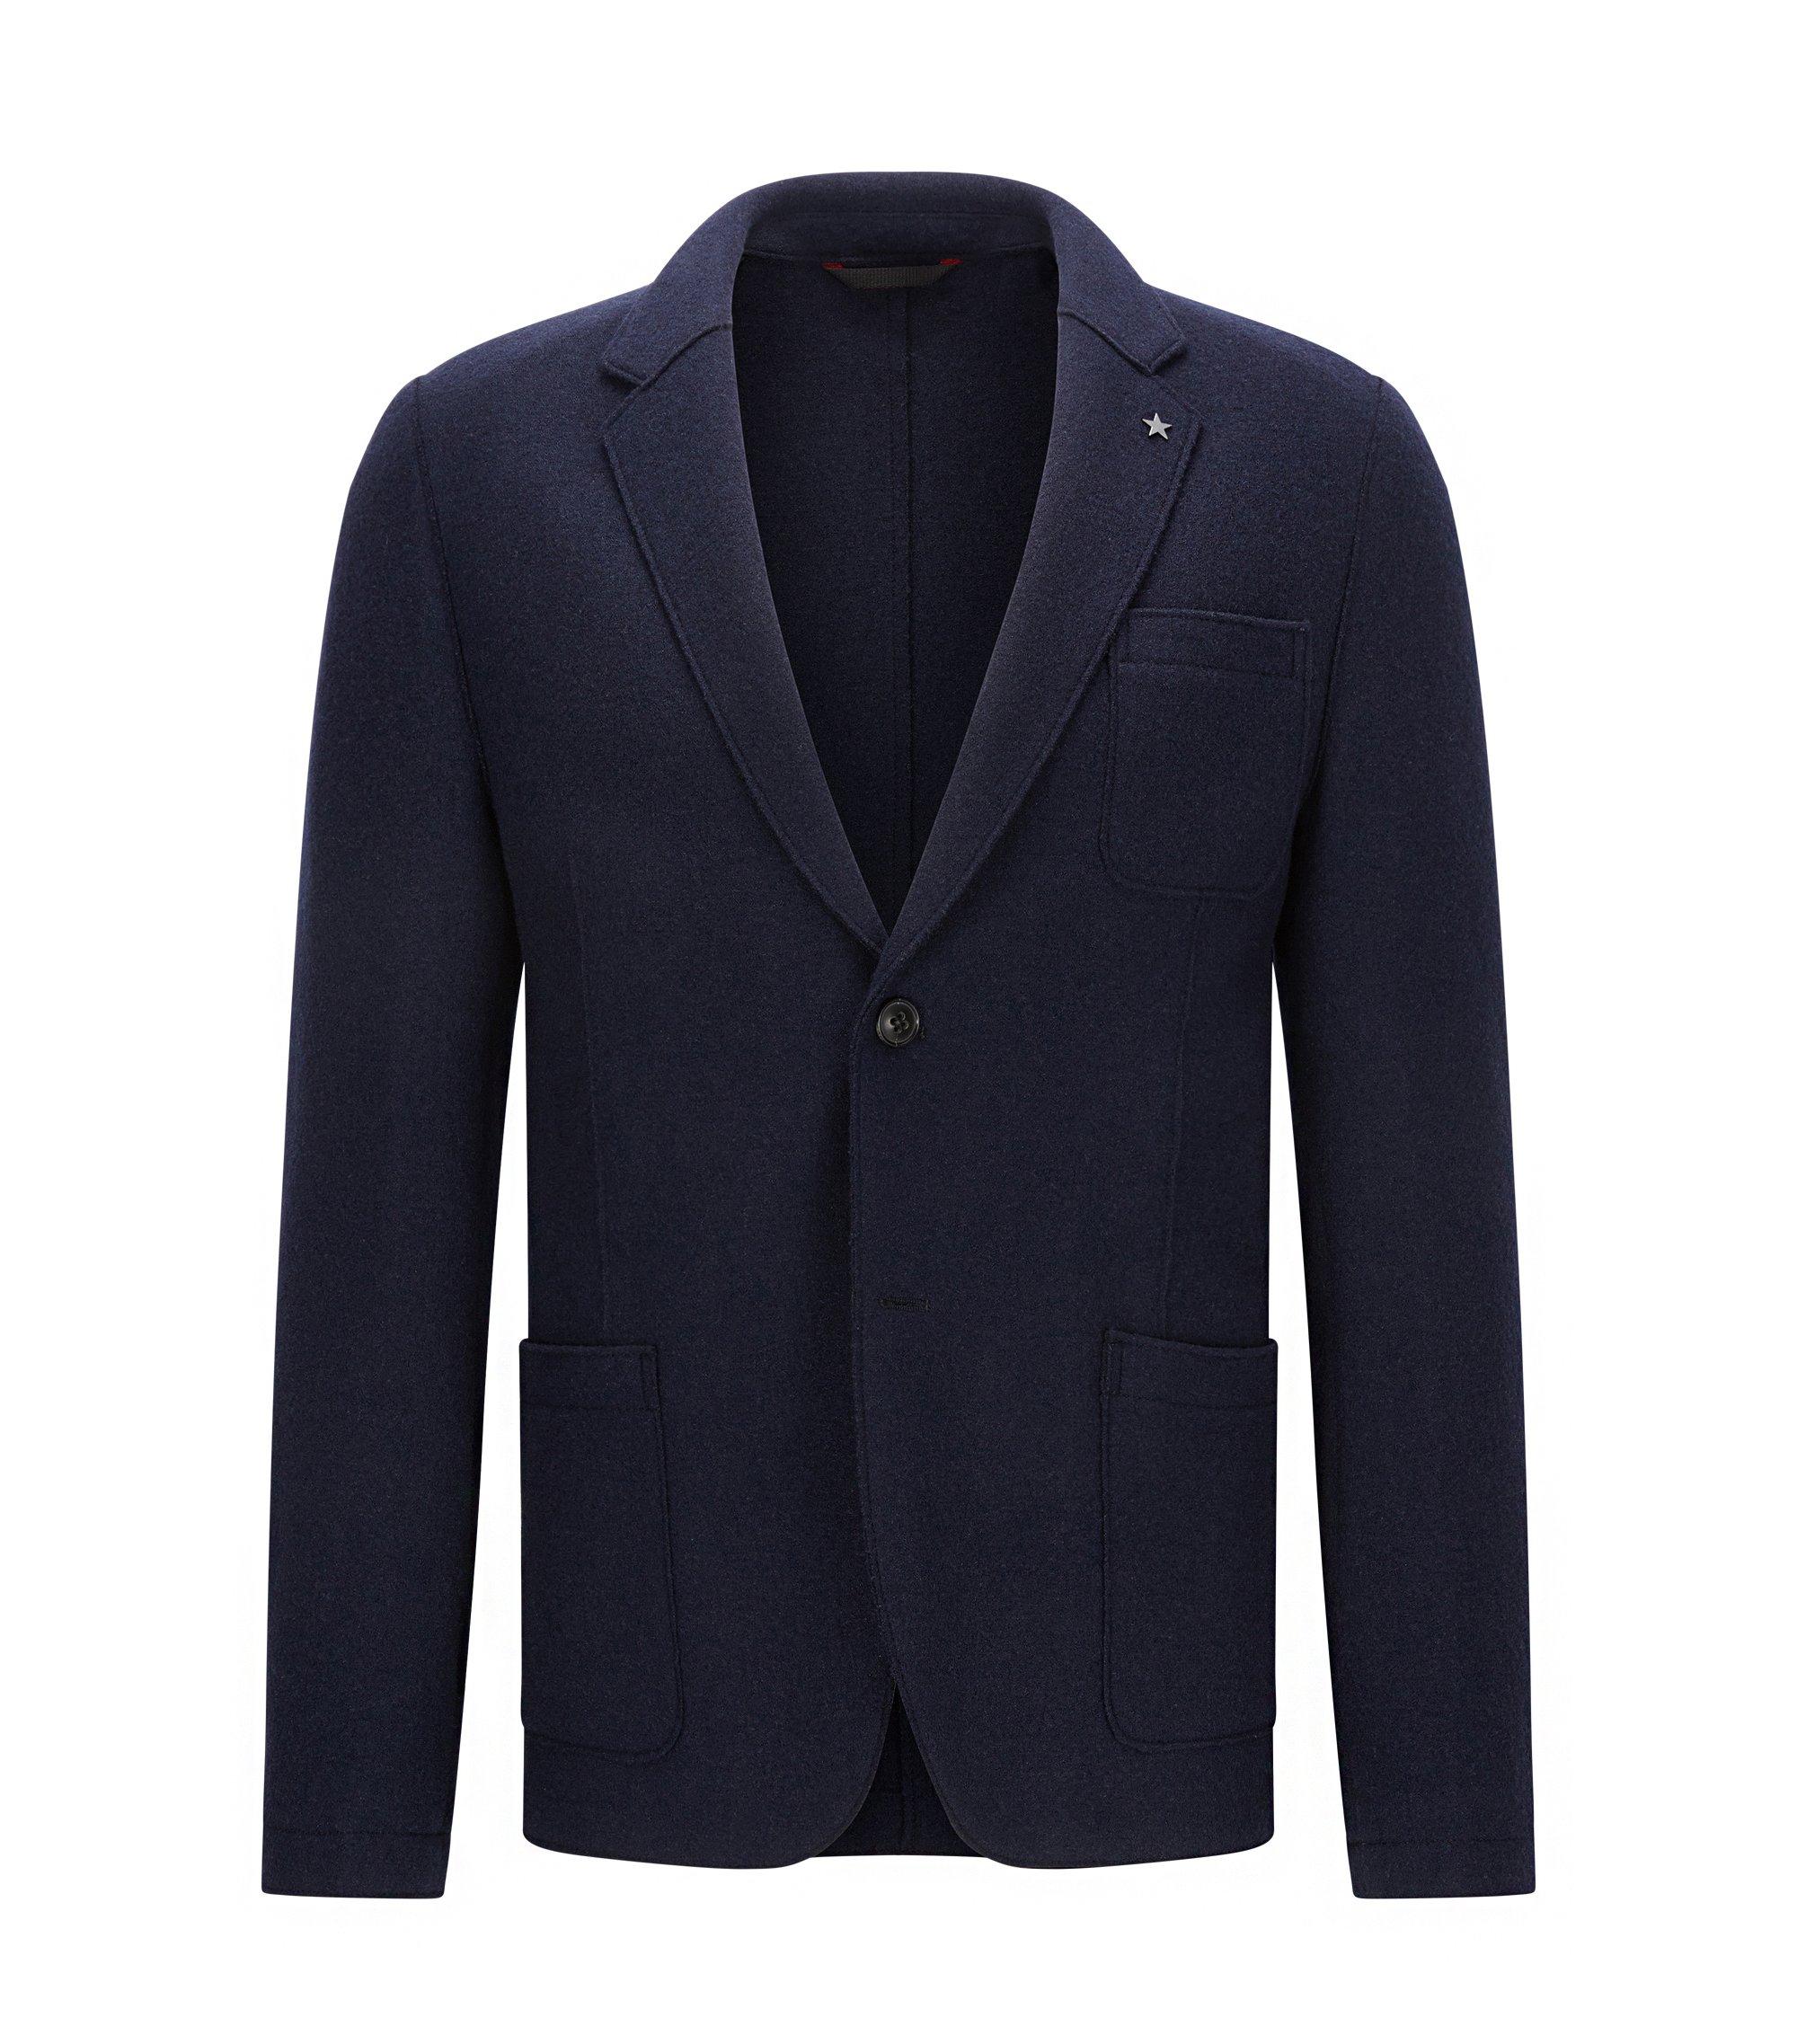 Veste Slim Fit en laine vierge mélangée, à bords bruts, Bleu foncé